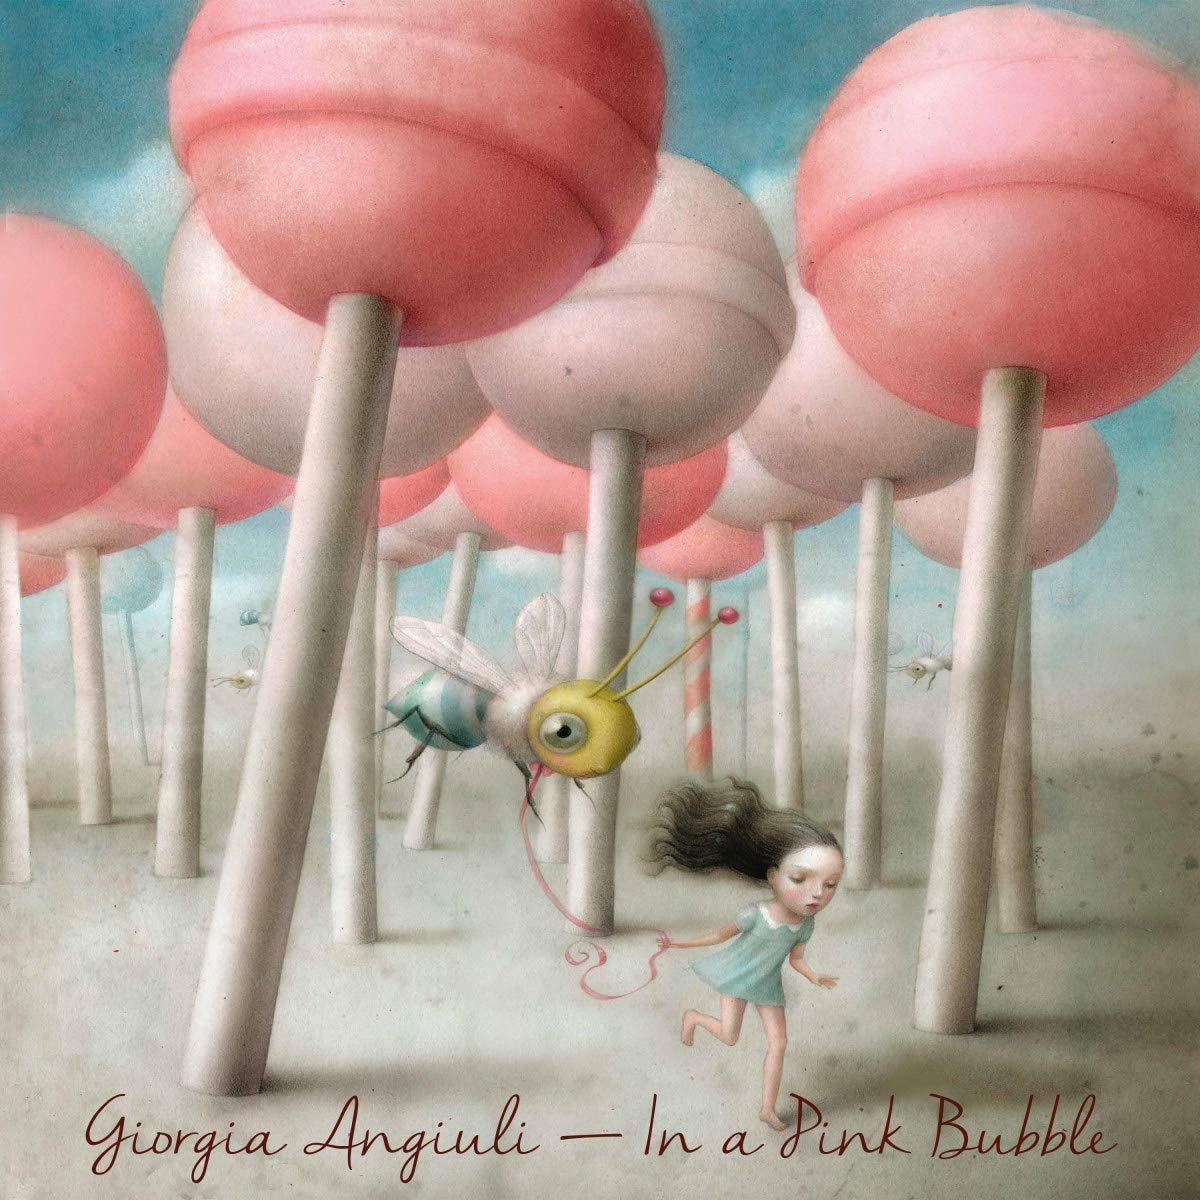 Vinilo : Giorgia Angiuli - In A Pink Bubble (LP Vinyl)